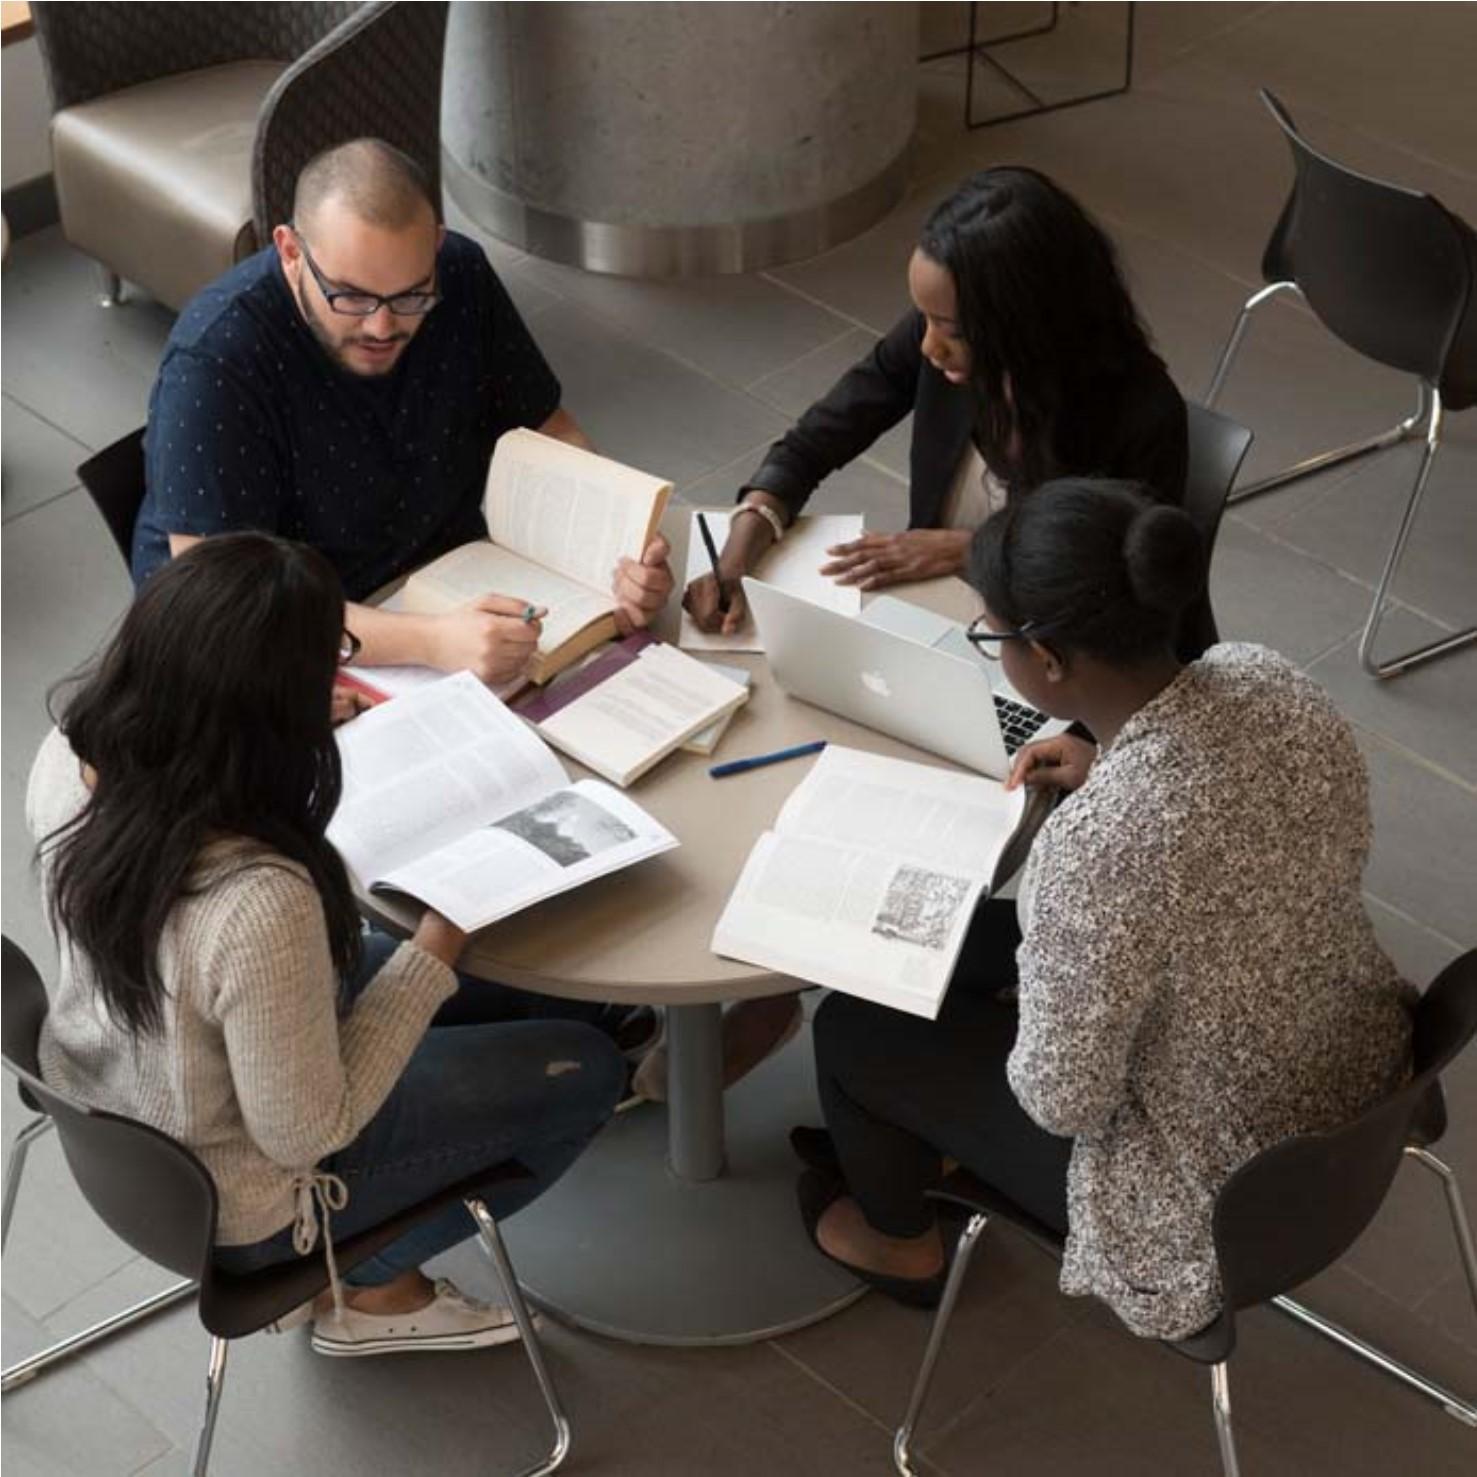 Quatre étudiants autour d'une table couverte de livres